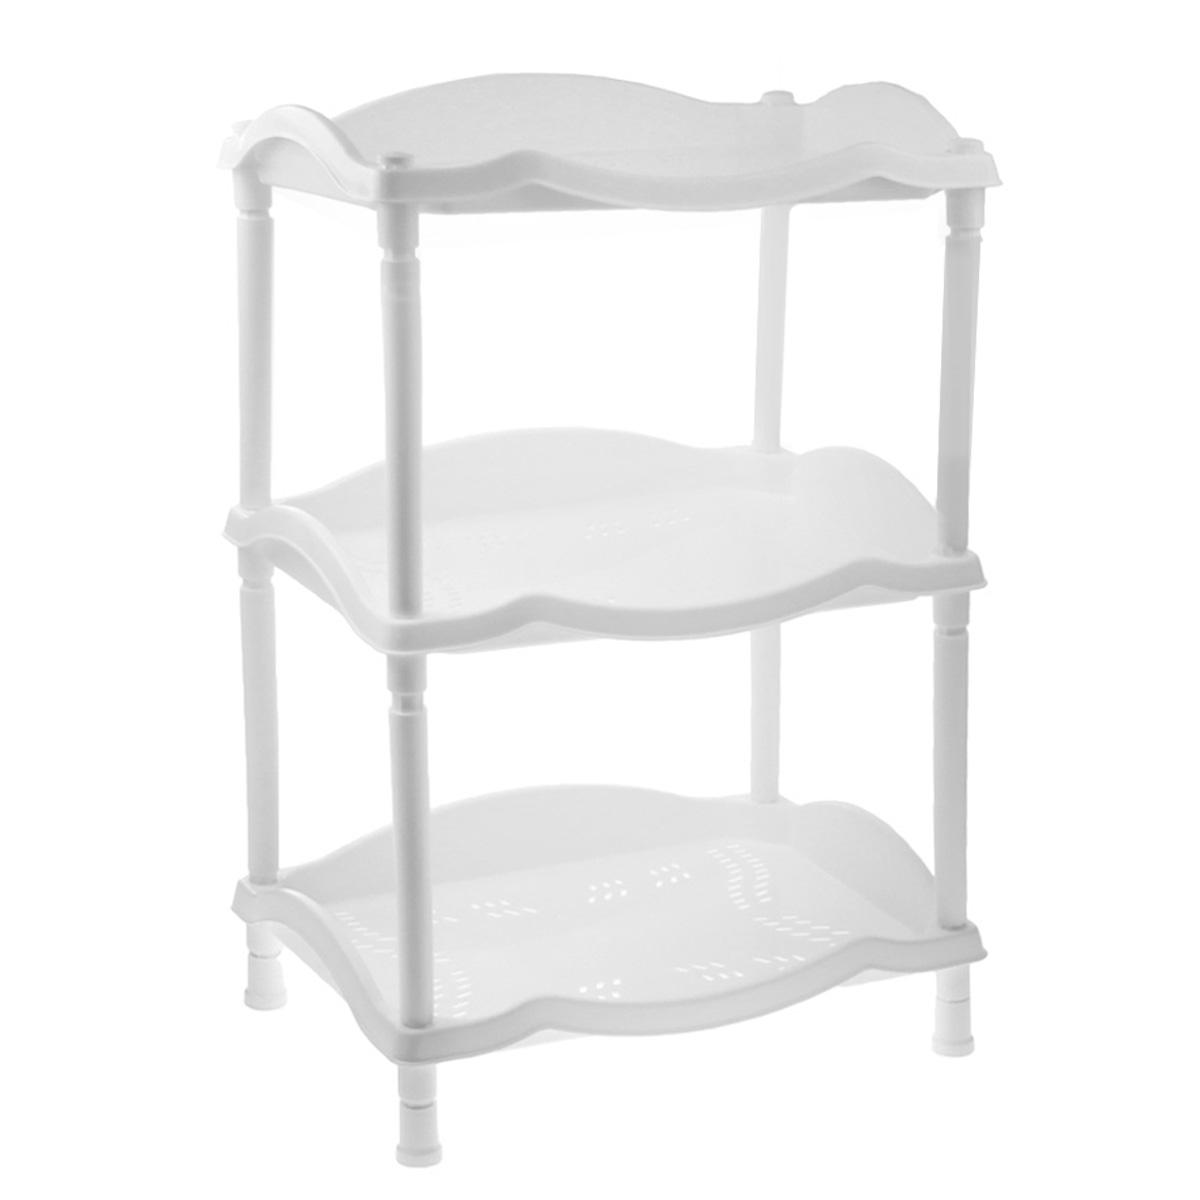 Этажерка Berossi Каскад, 3-х секционная, цвет: белый, 43,8 х 31,6 х 63,6 смА14301Этажерка Berossi Каскад выполнена из высококачественного прочного пластика и предназначена для хранения различных предметов. Изделие имеет 3 полки прямоугольной формы с перфорированными стенками. В ванной комнате вы можете использовать этажерку для хранения шампуней, гелей, жидкого мыла, стиральных порошков, полотенец и т.д. Ручной инструмент и детали в вашем гараже всегда будут под рукой. Удобно ставить банки с краской, бутылки с растворителем. В гостиной этажерка позволит удобно хранить под рукой книги, журналы, газеты. С помощью этажерки также легко навести порядок в детской, она позволит удобно и компактно хранить игрушки, письменные принадлежности и учебники. Этажерка - это идеальное решение для любого помещения. Она поможет поддерживать чистоту, компактно организовать пространство и хранить вещи в порядке, а стильный дизайн сделает этажерку ярким украшением интерьера. Размер этажерки (ДхШхВ): 43,8 см х 31,6 см х 63,6 см. Размер...